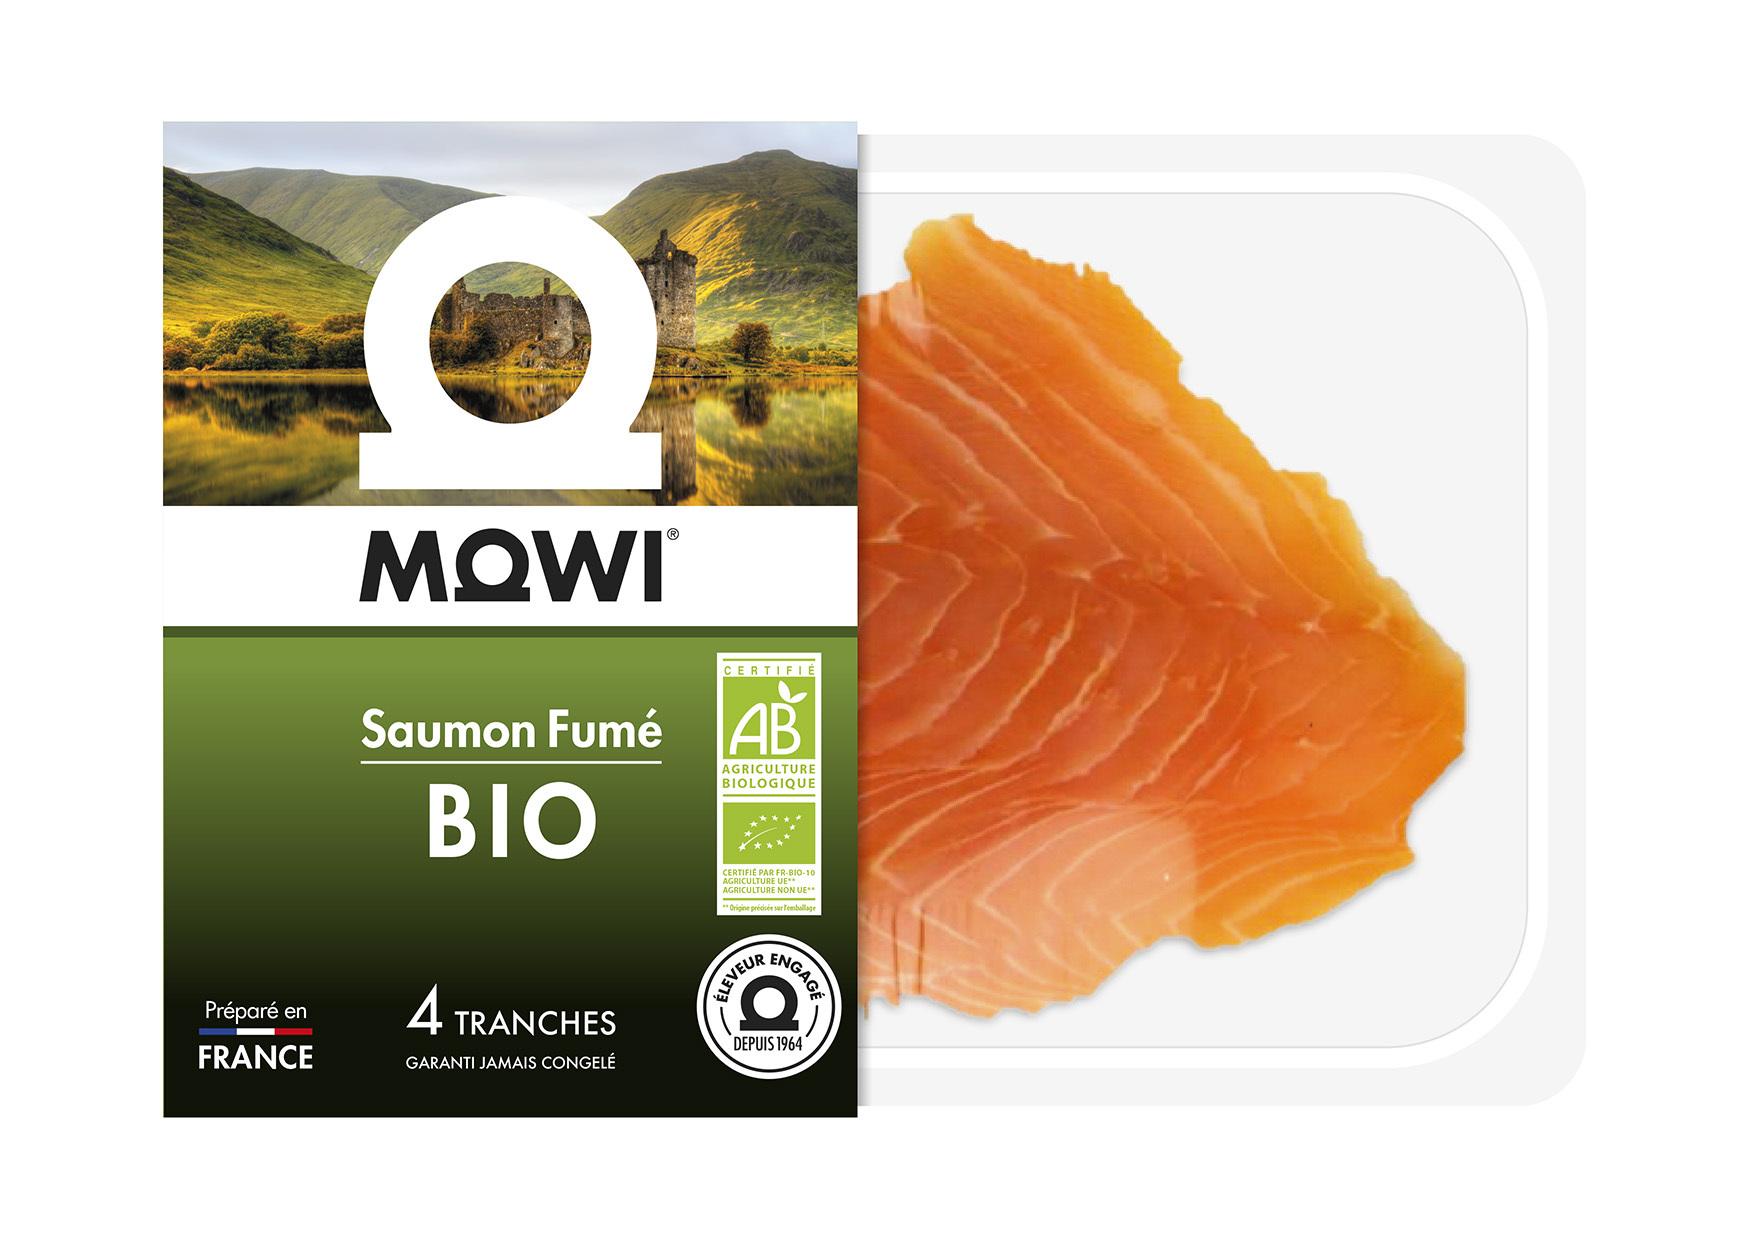 MOWI Fume 4T Bio - Des nouvelles références Mowi s'invitent à table !